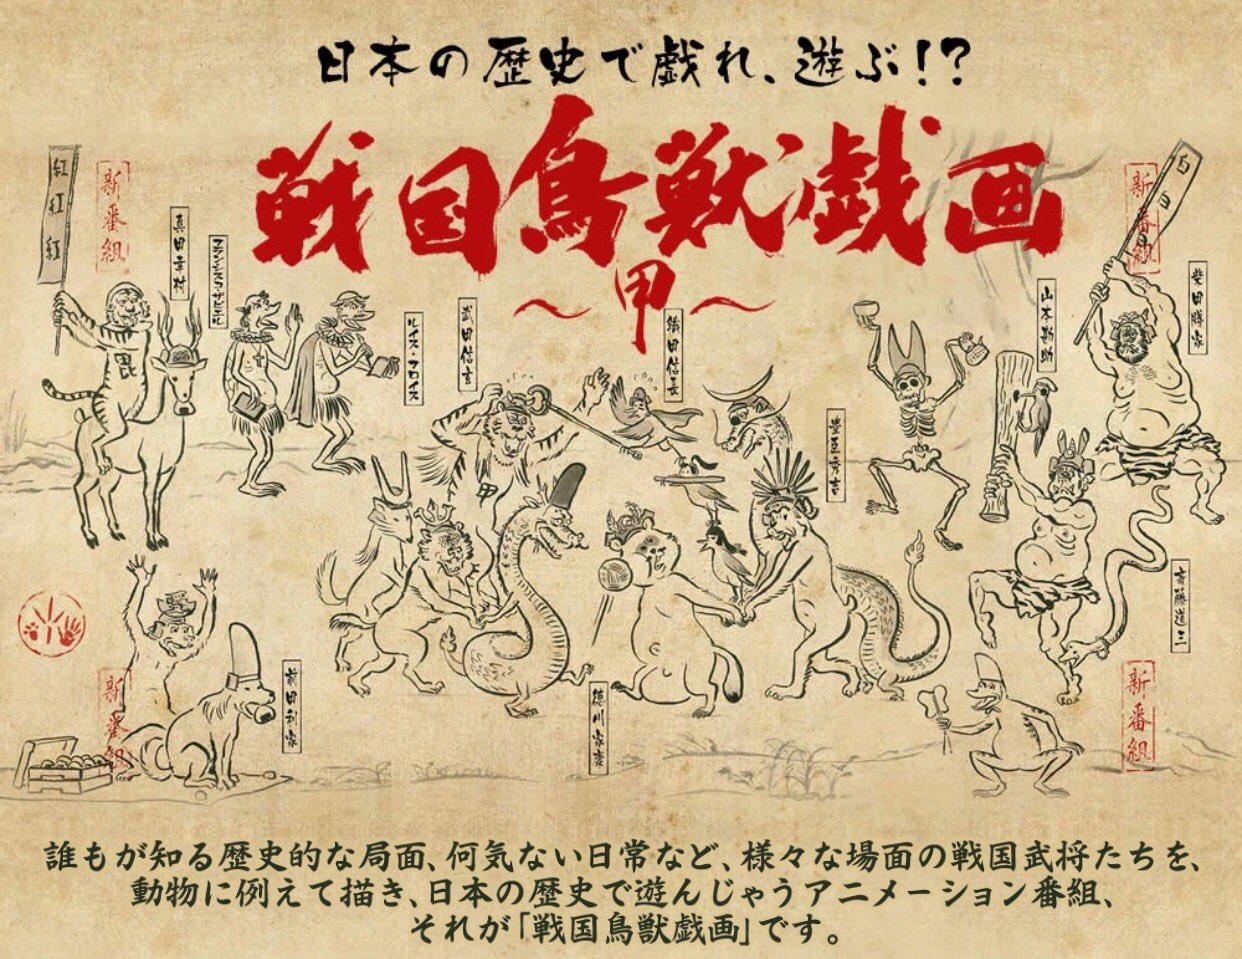 若手イケメン俳優が声優のアニメ『戦国鳥獣戯画』がおもしろい!